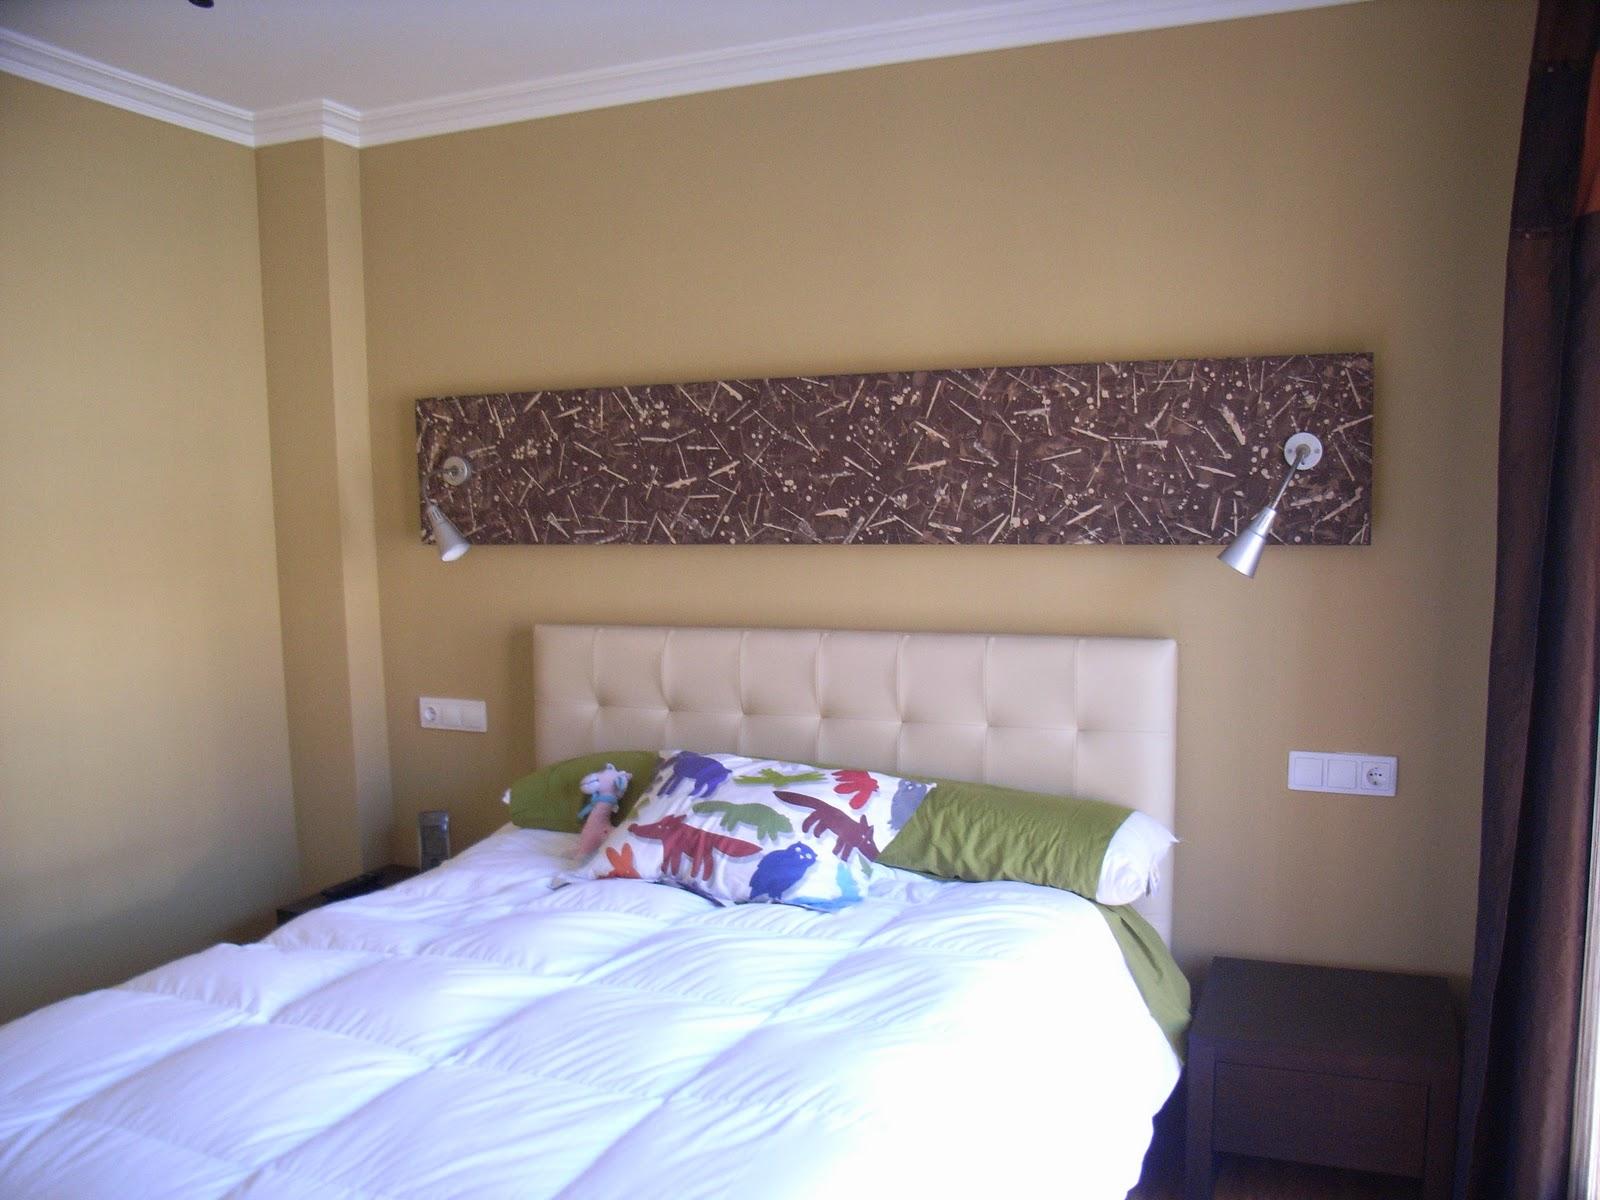 estos cabeceros estn pensados para crear distintos ambientes luminosos en las habitaciones llevan una luz indirecta de bajo consumo que baa las paredes y